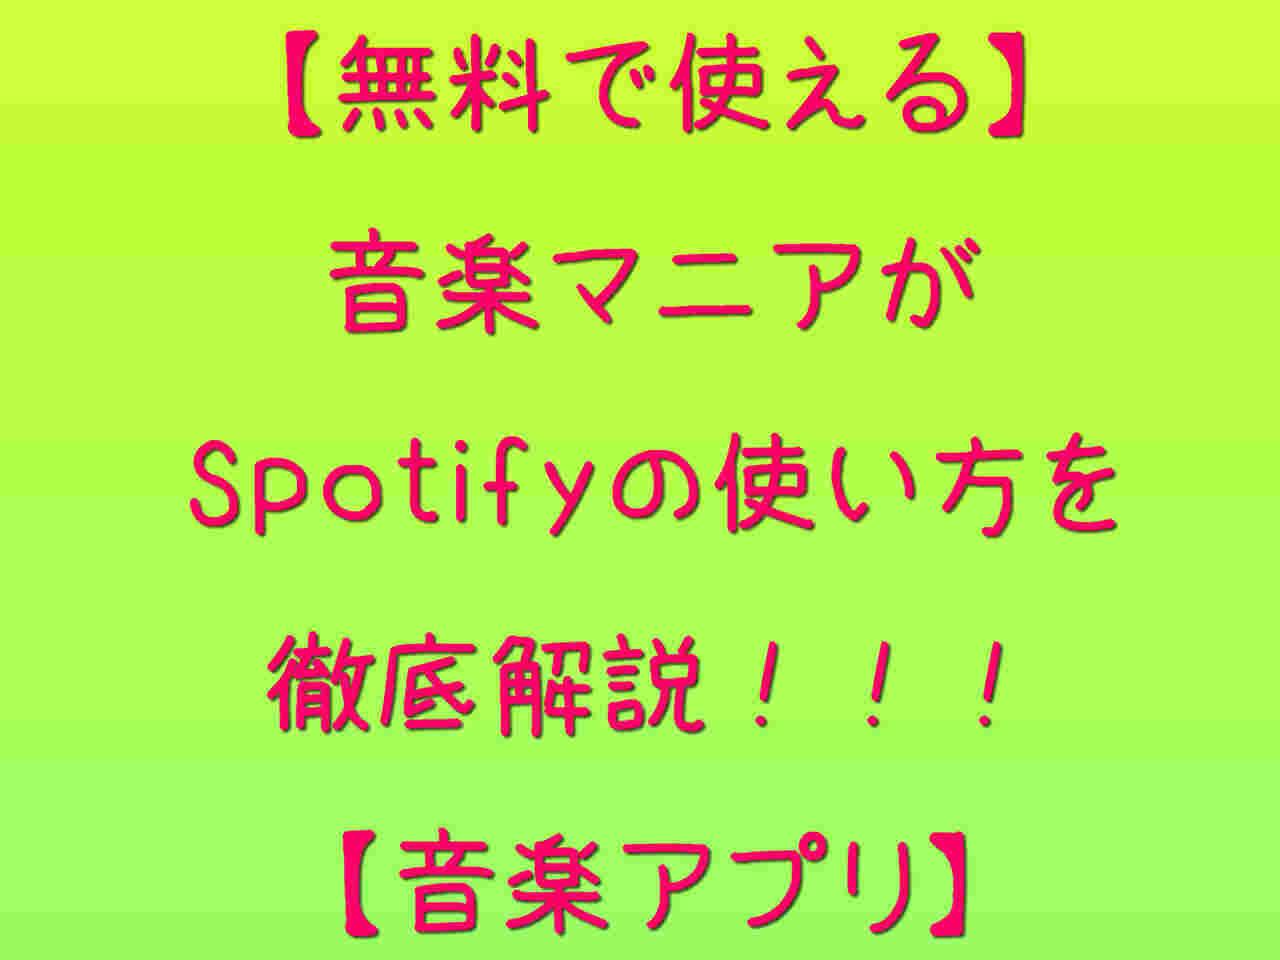 音楽マニアがSpotifyの使い方を徹底解説!